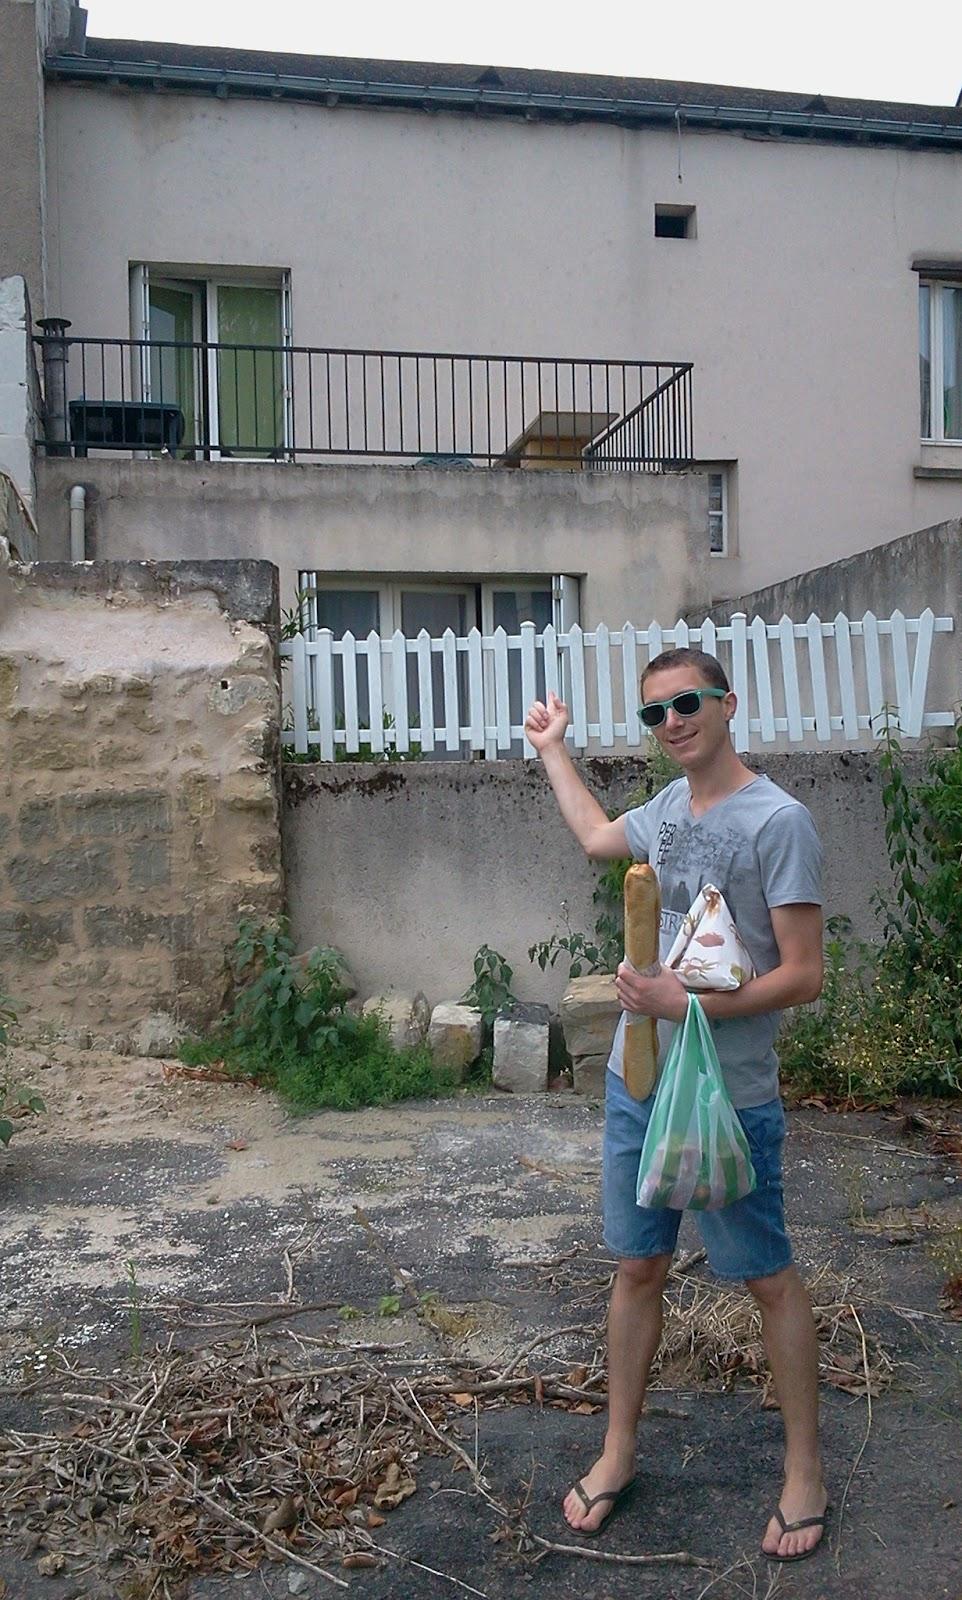 lieu rencontre gay community à Saumur